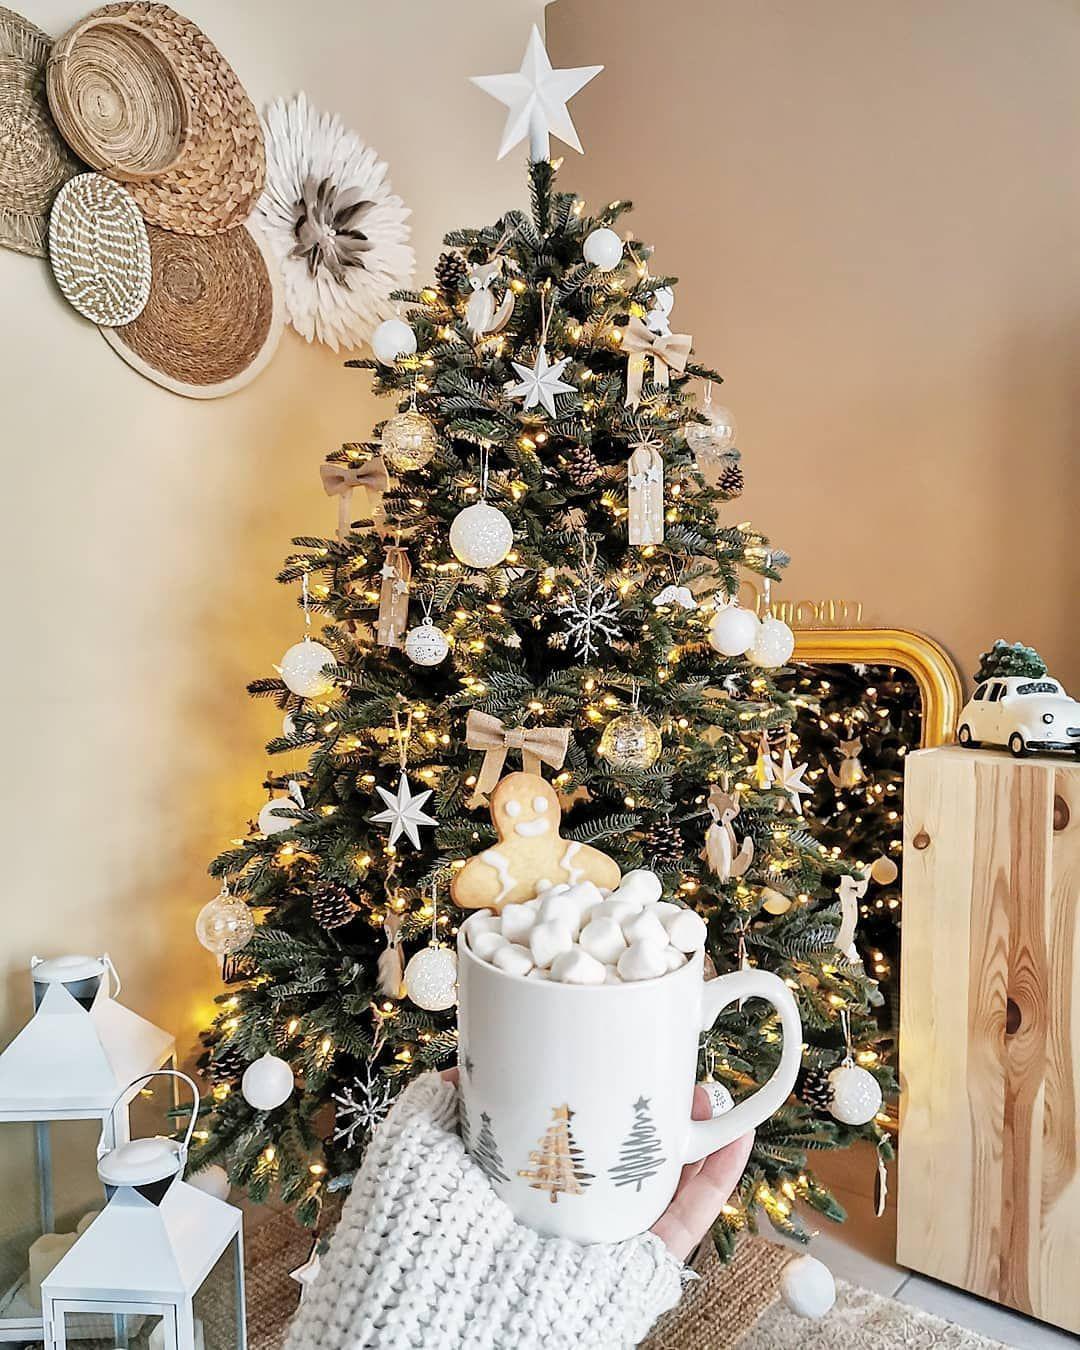 Nordmann Fir Christmas Tree Balsam Hill UK in 2020